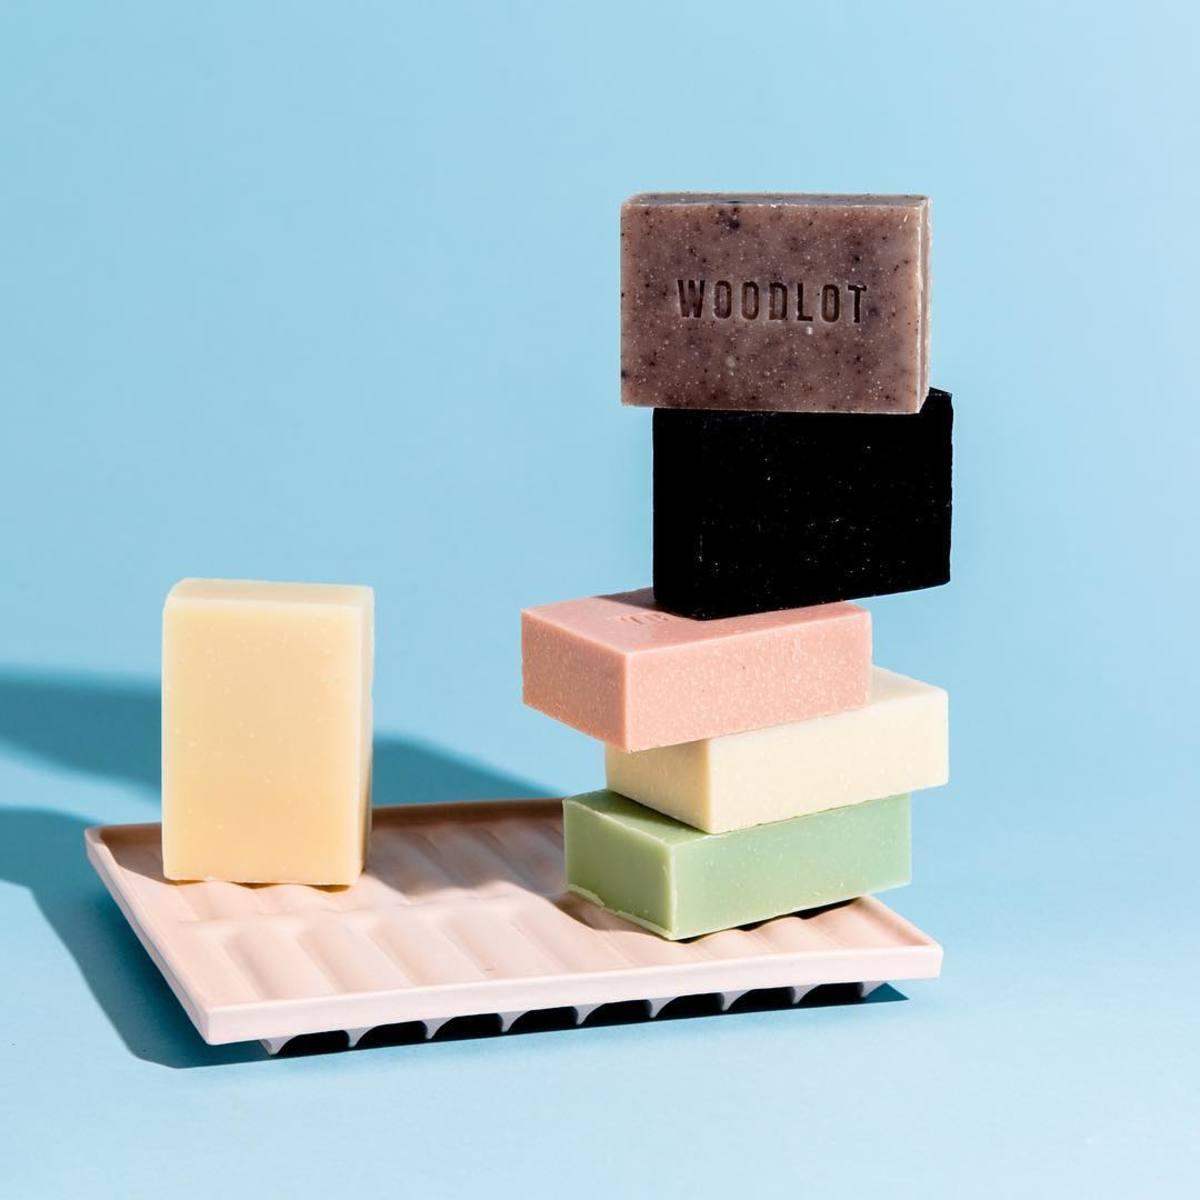 Woodlot Soap